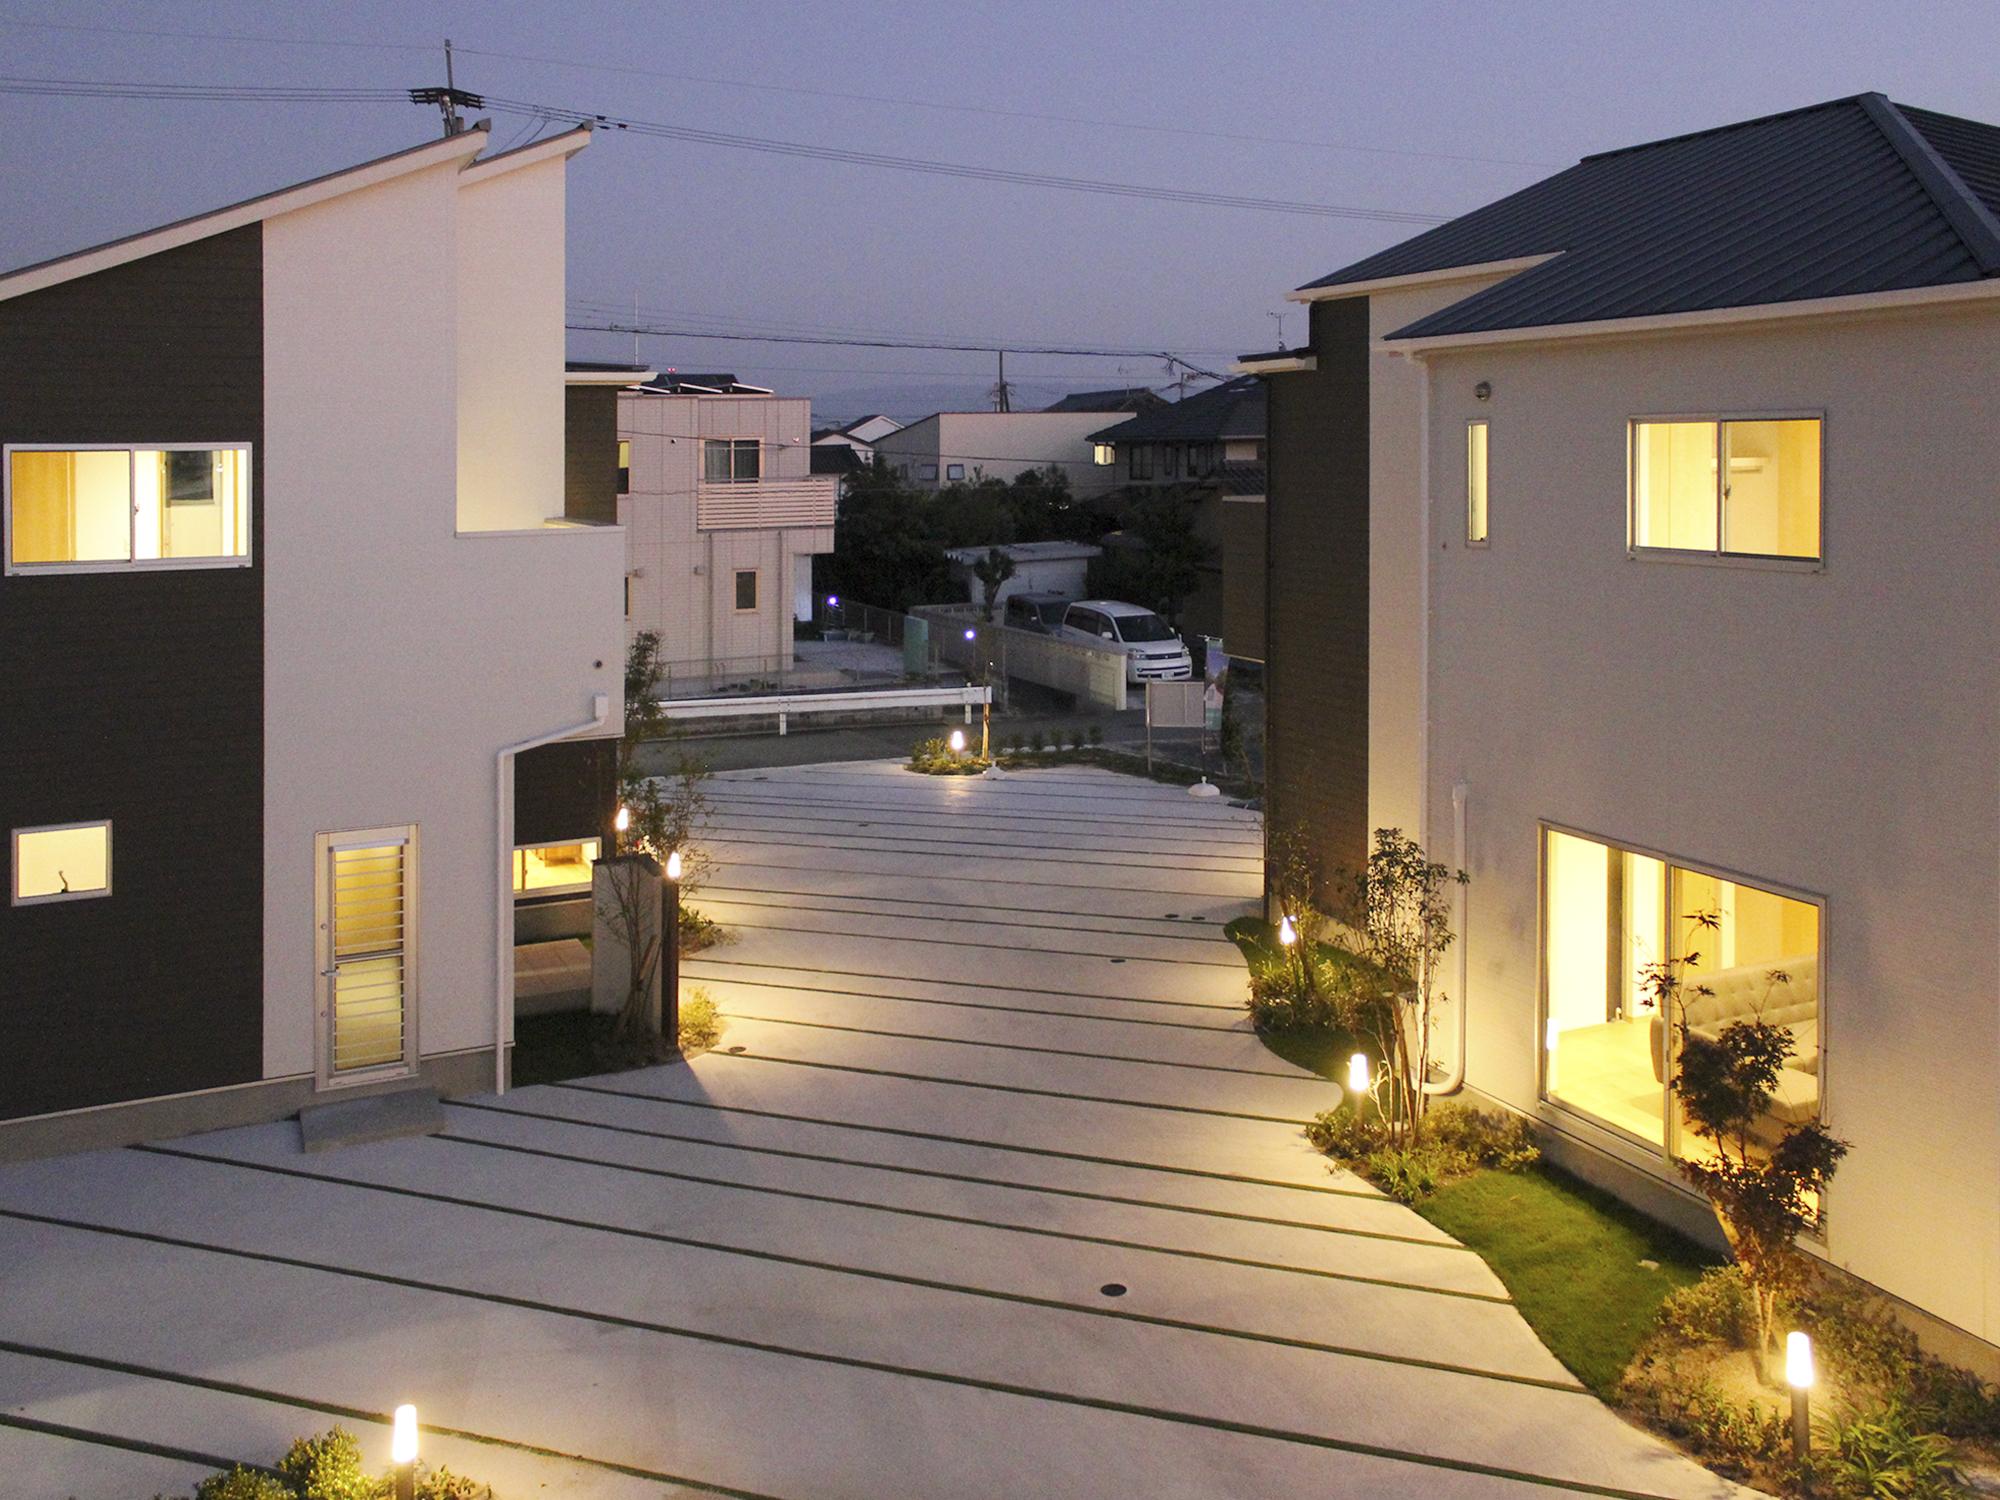 ランドスケープ分譲住宅「OURS GARDEN 中牟田」画像⑬